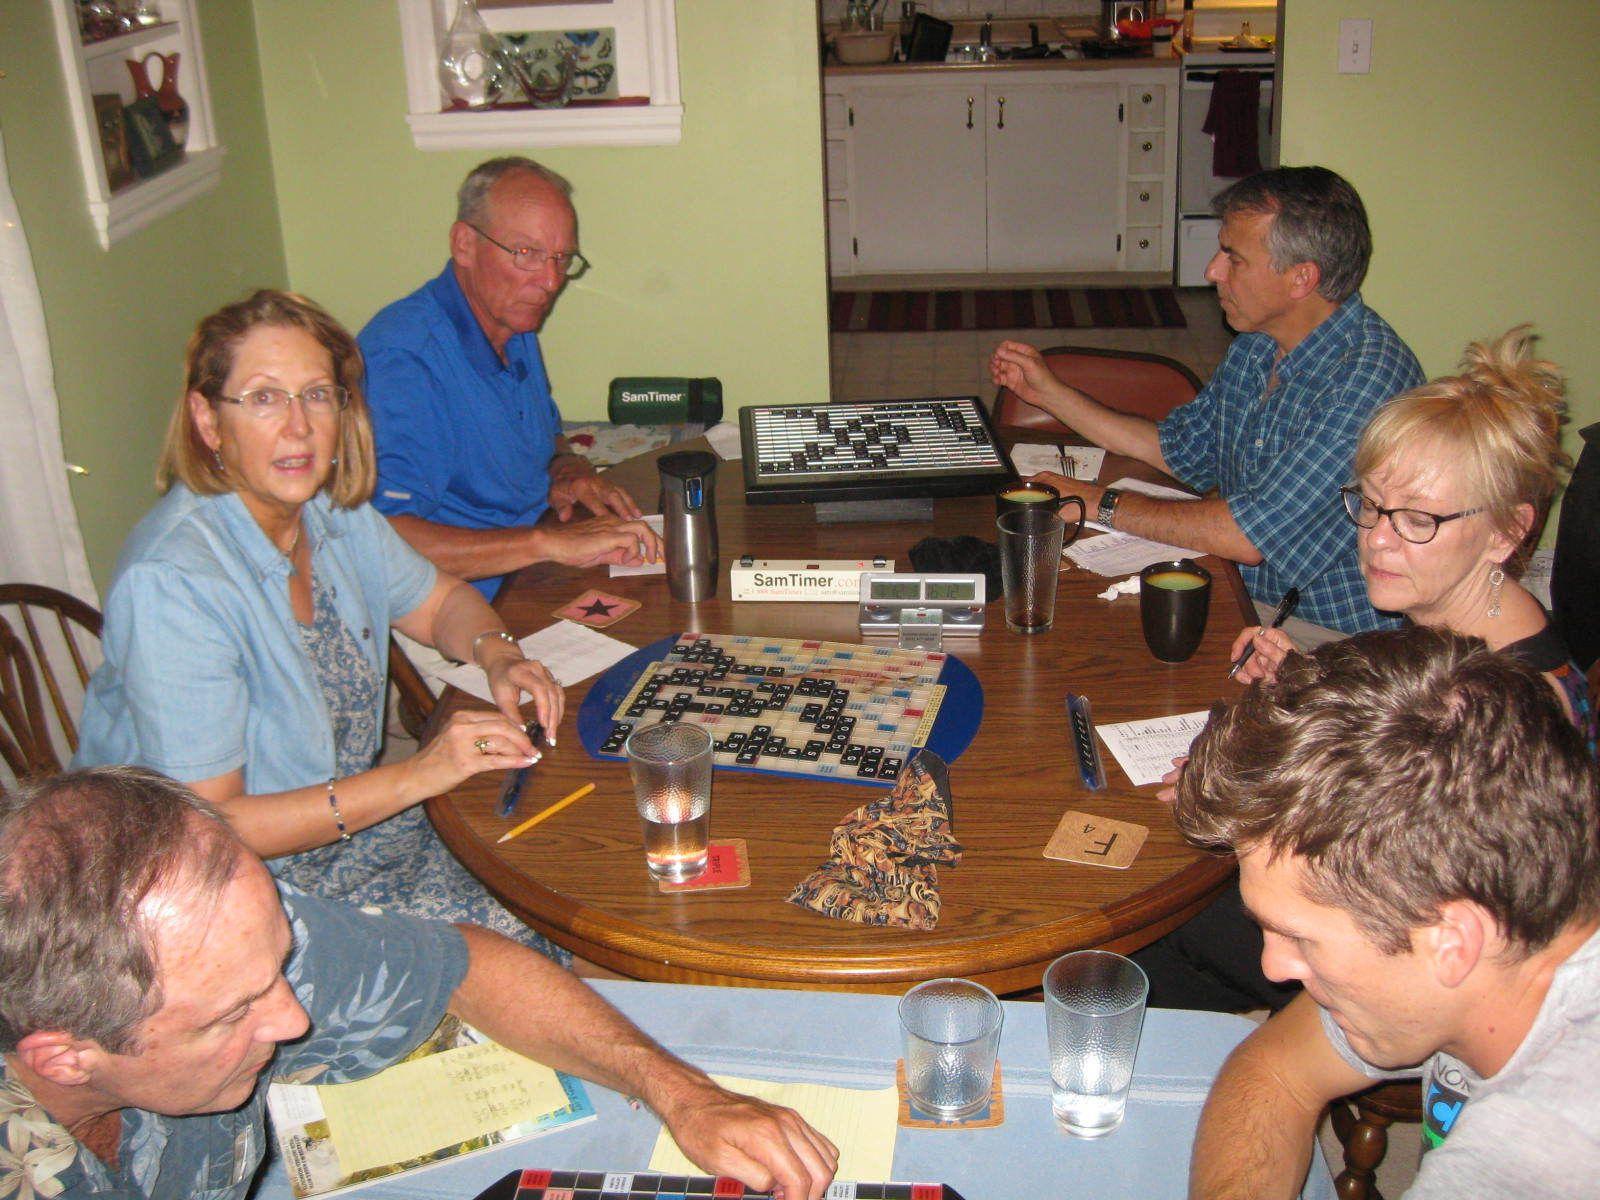 The Northern Colorado Scrabble Club